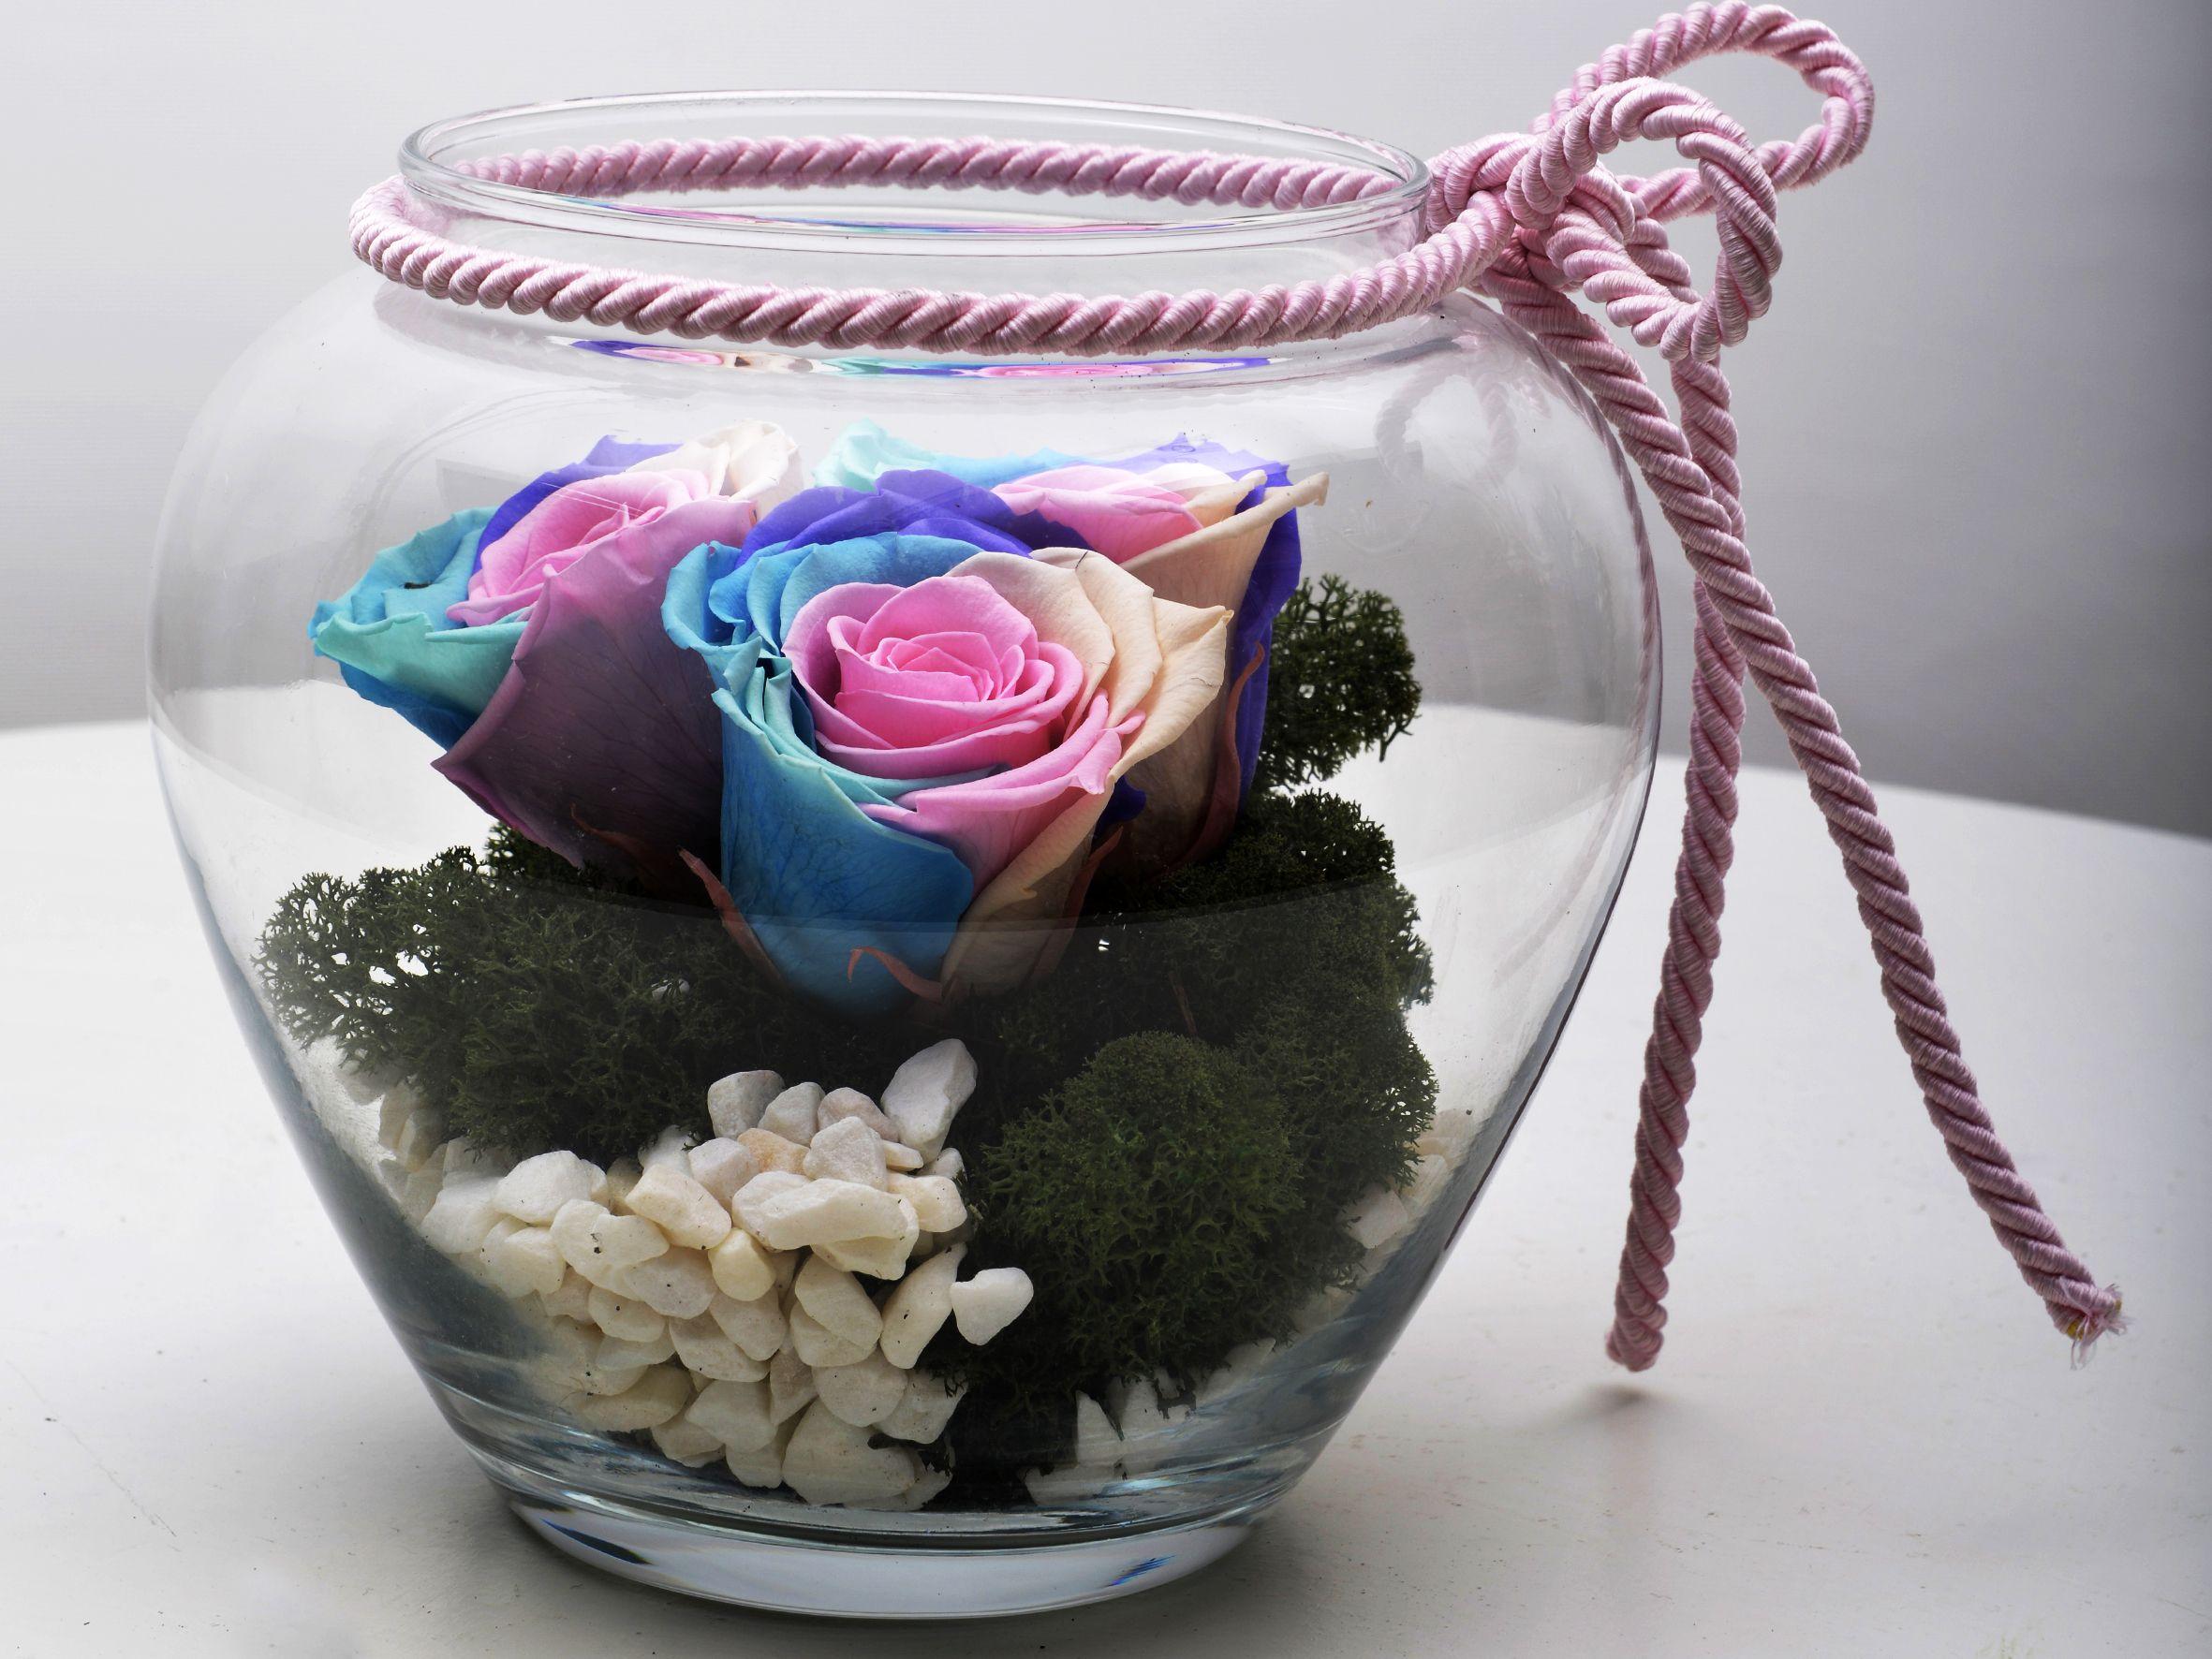 Seni Seviyorum Solmayan Gül Arajmanı Solmayan Güller  çiçek gönder